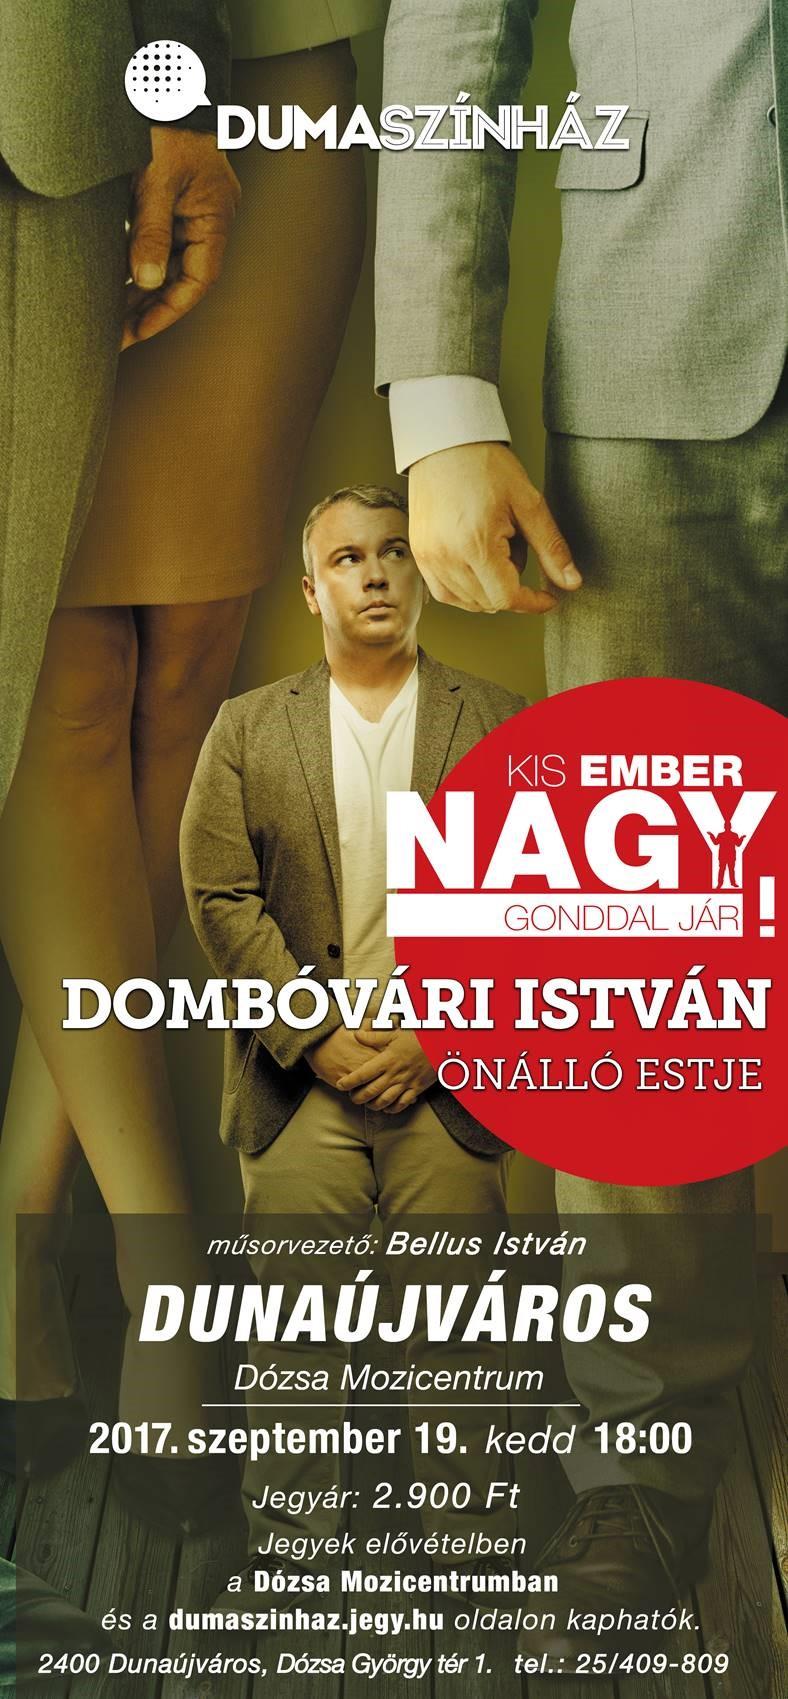 Dombóvári István önálló estje Dunaújvárosban!